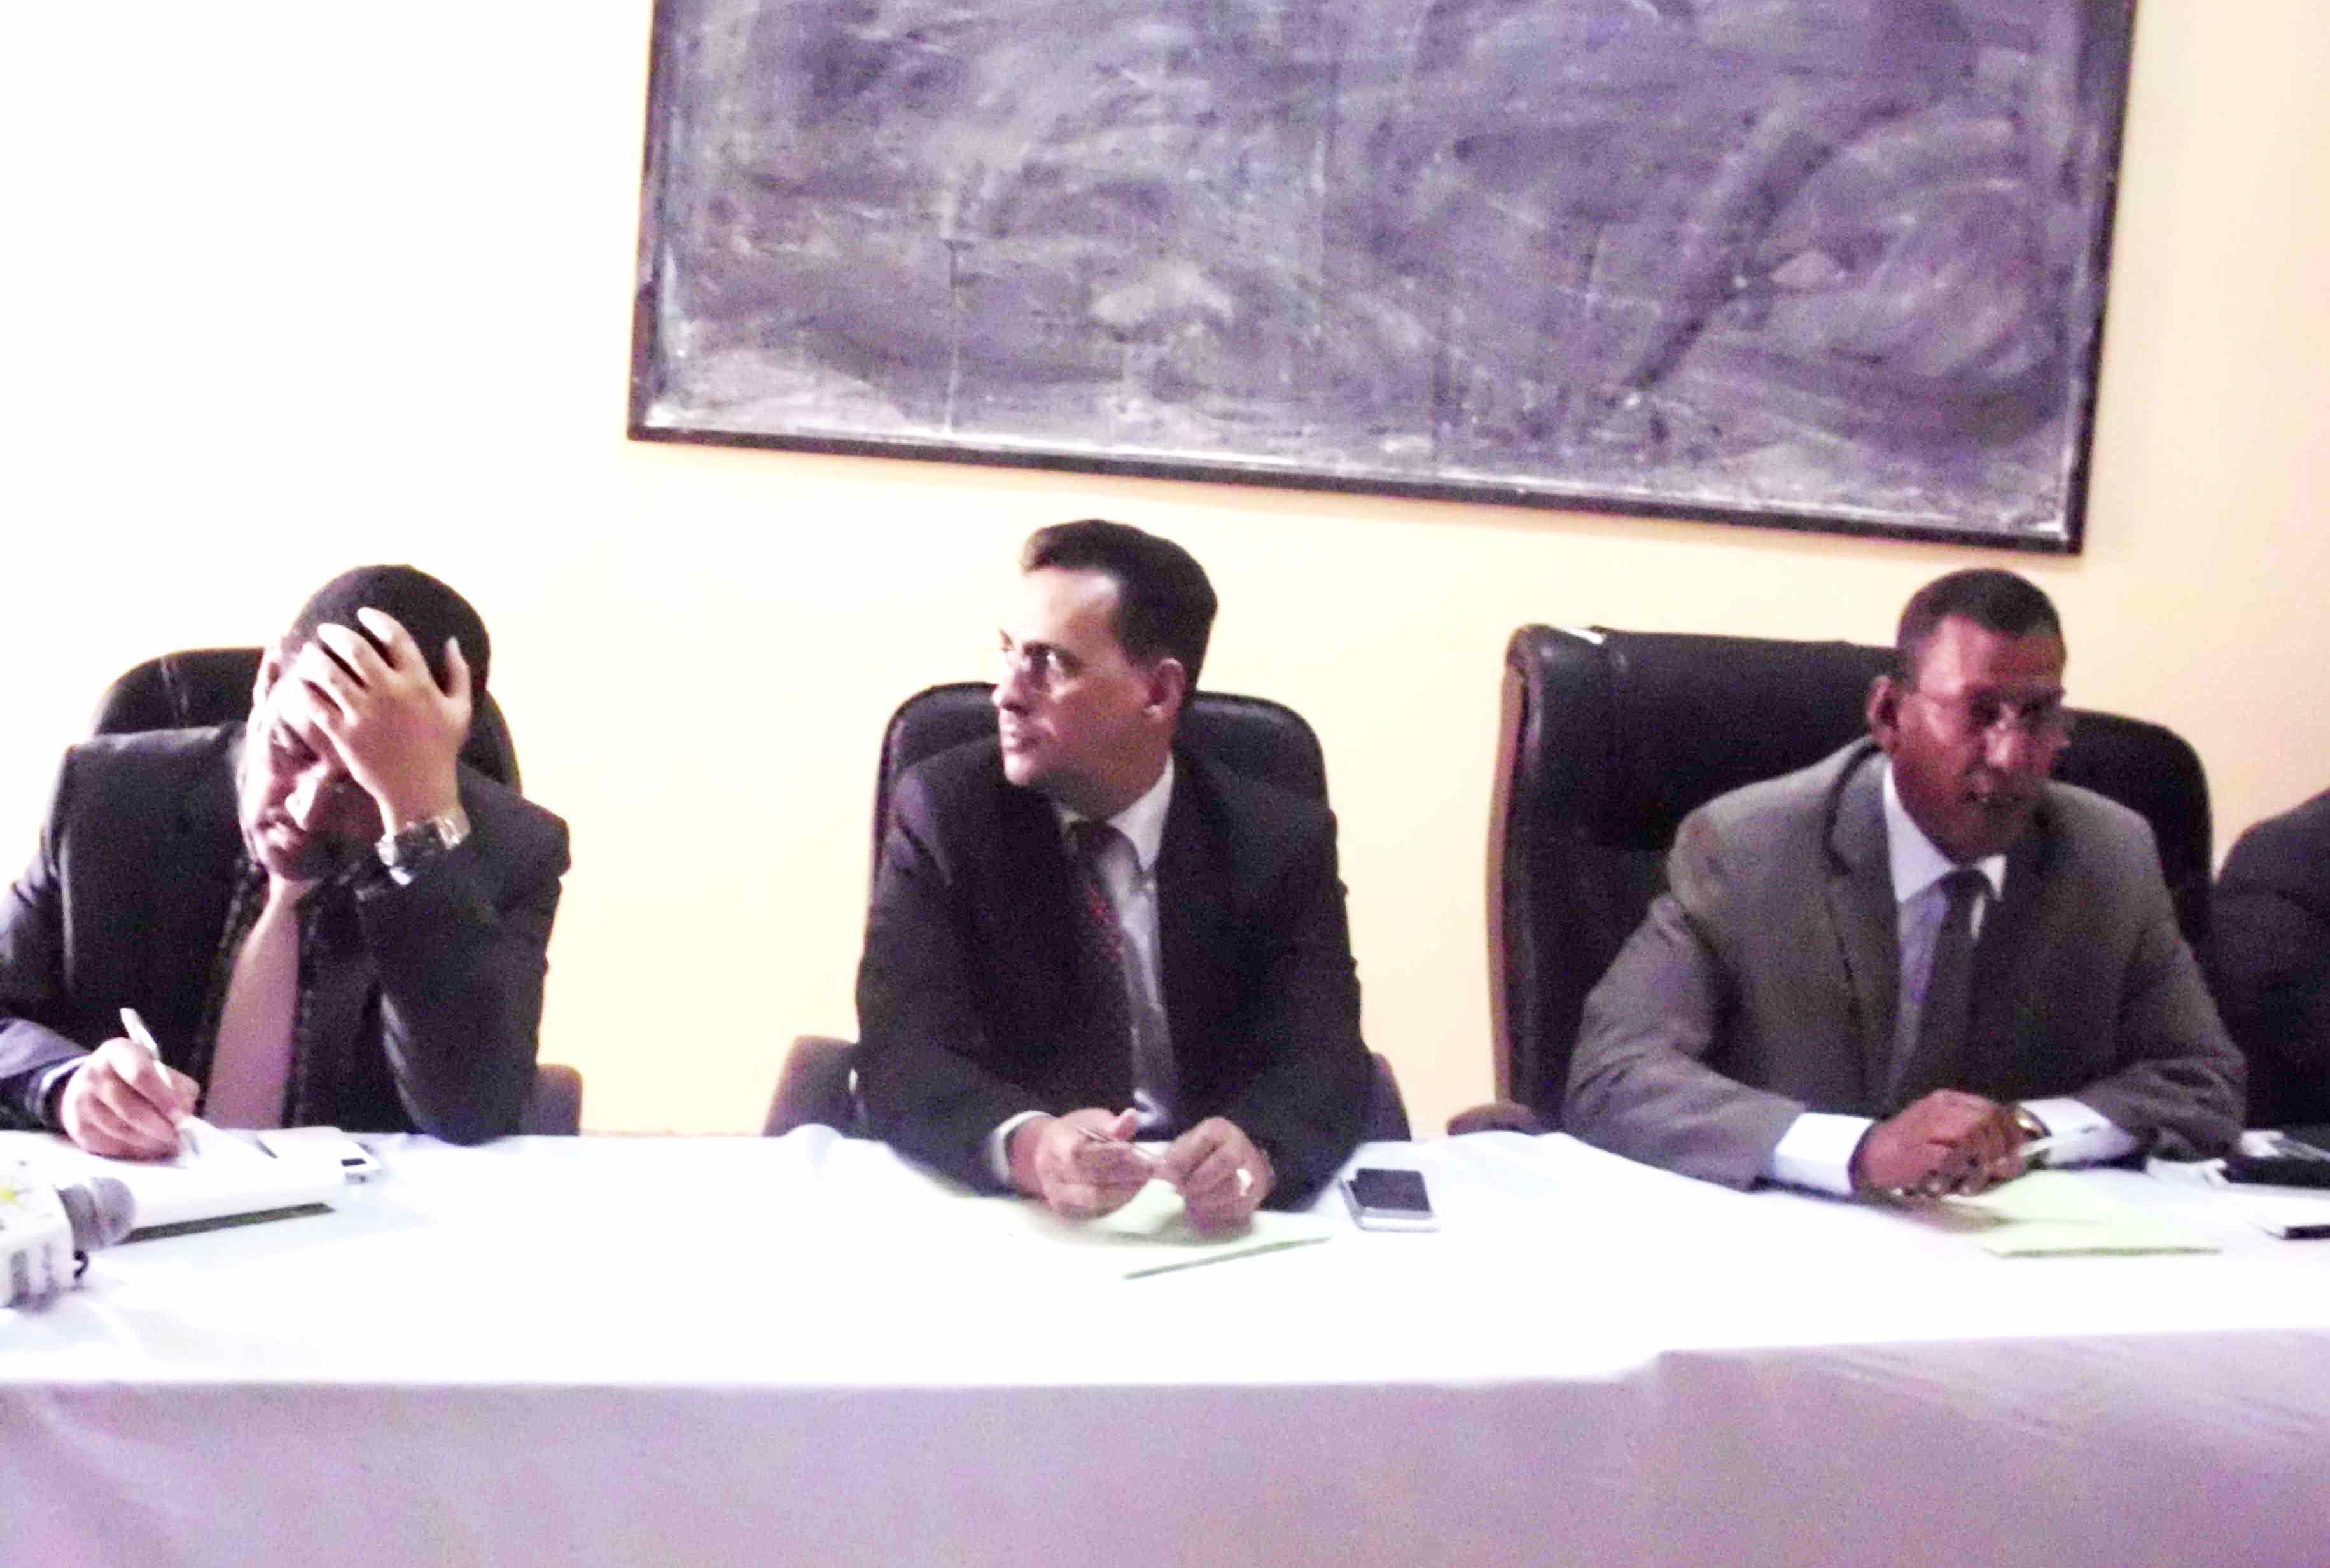 وزير الصحة الموريتاني أحمد ولد حدمين ولد جلفون أثناء الاجتماع (الوكالة الرسمية)